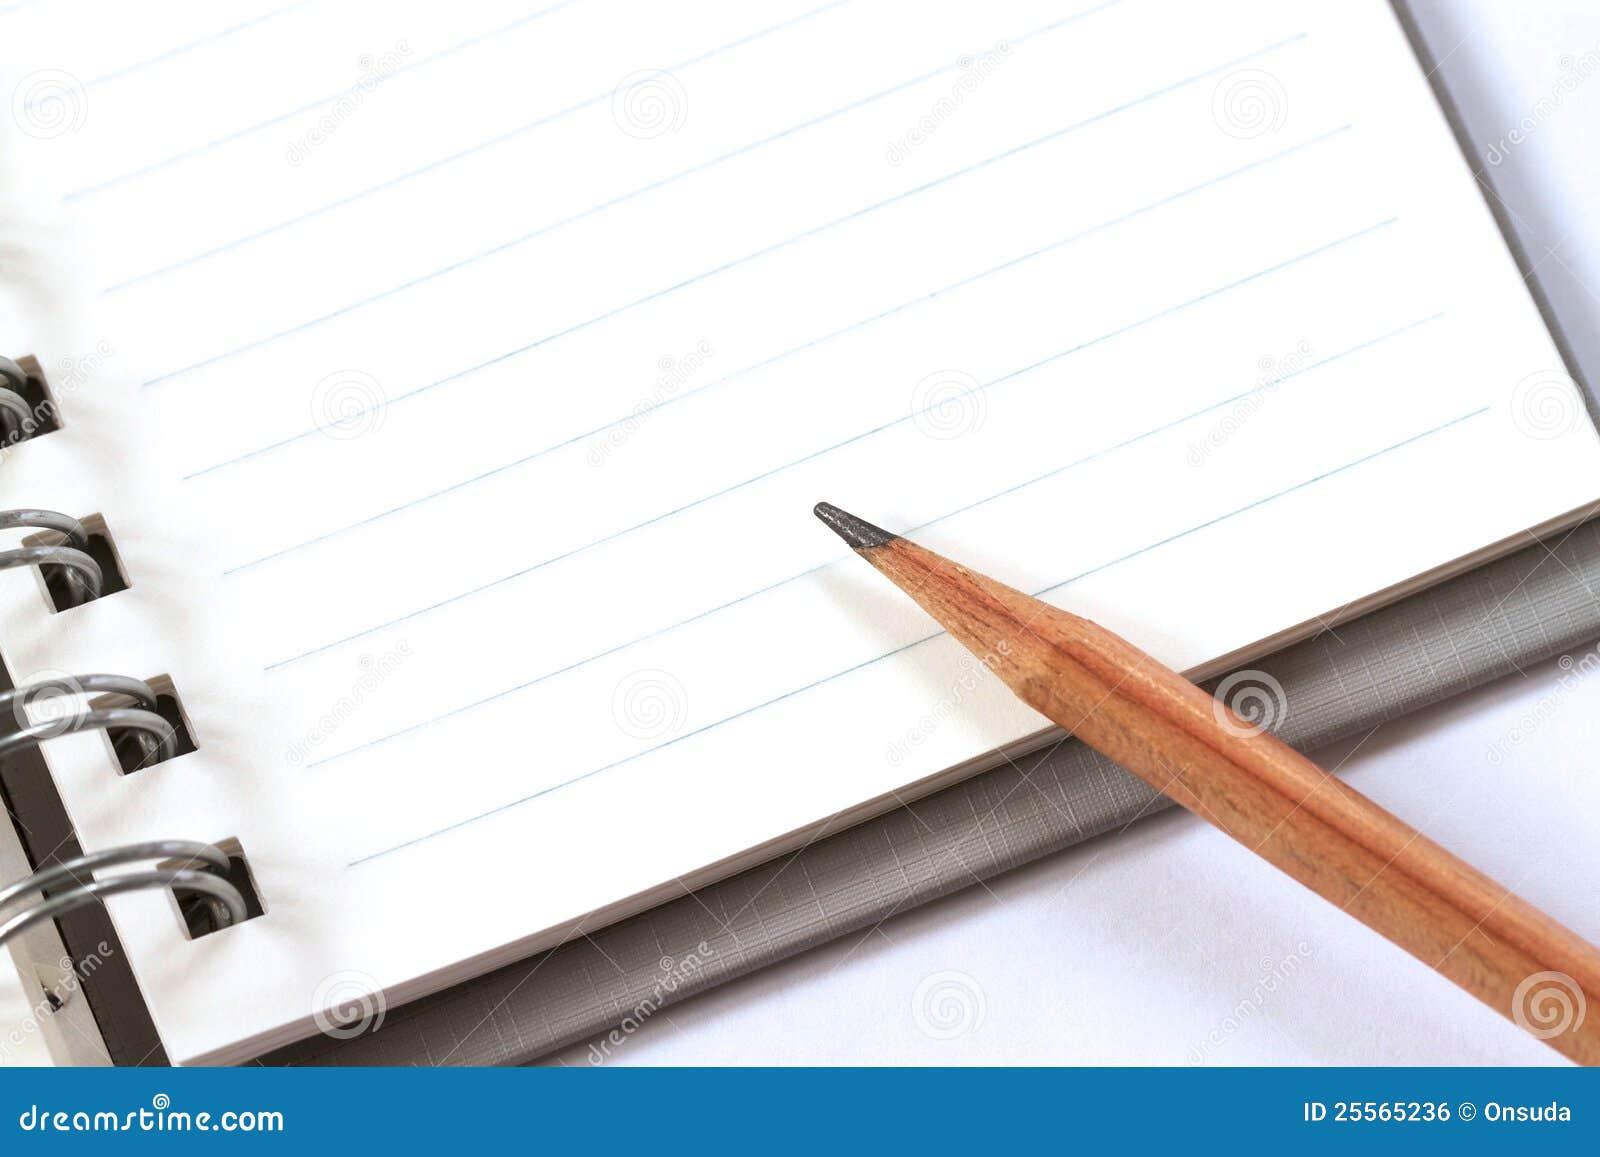 笔访铅笔图片